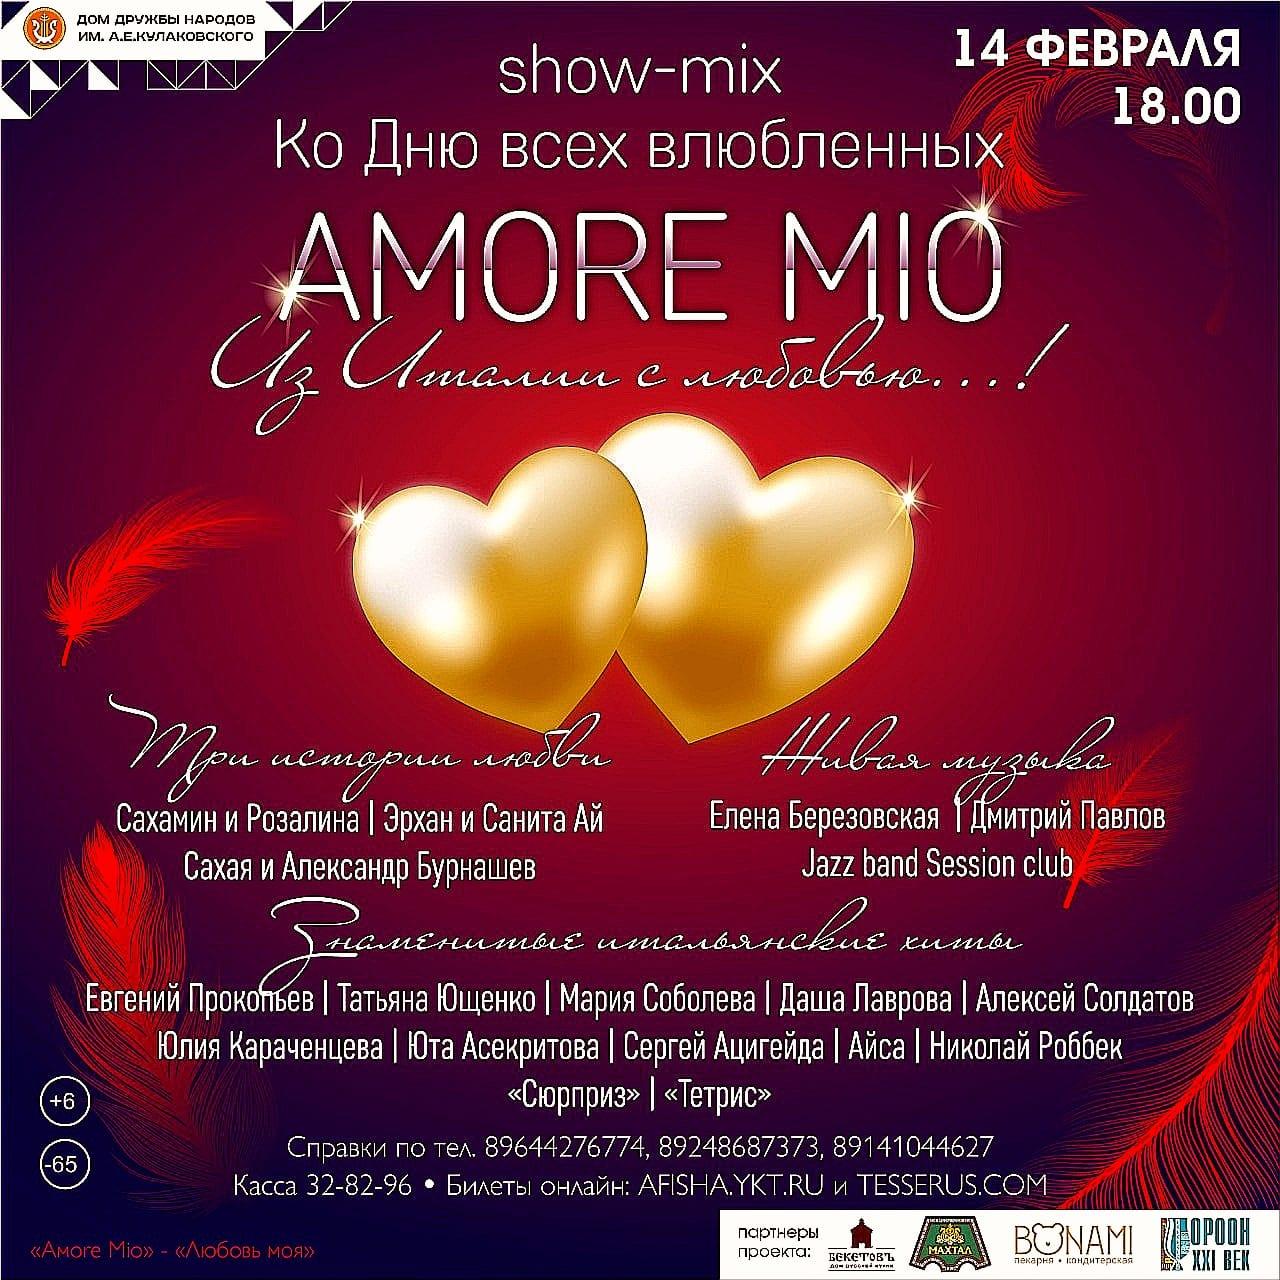 Самый романтичный концерт «Amore Mio»